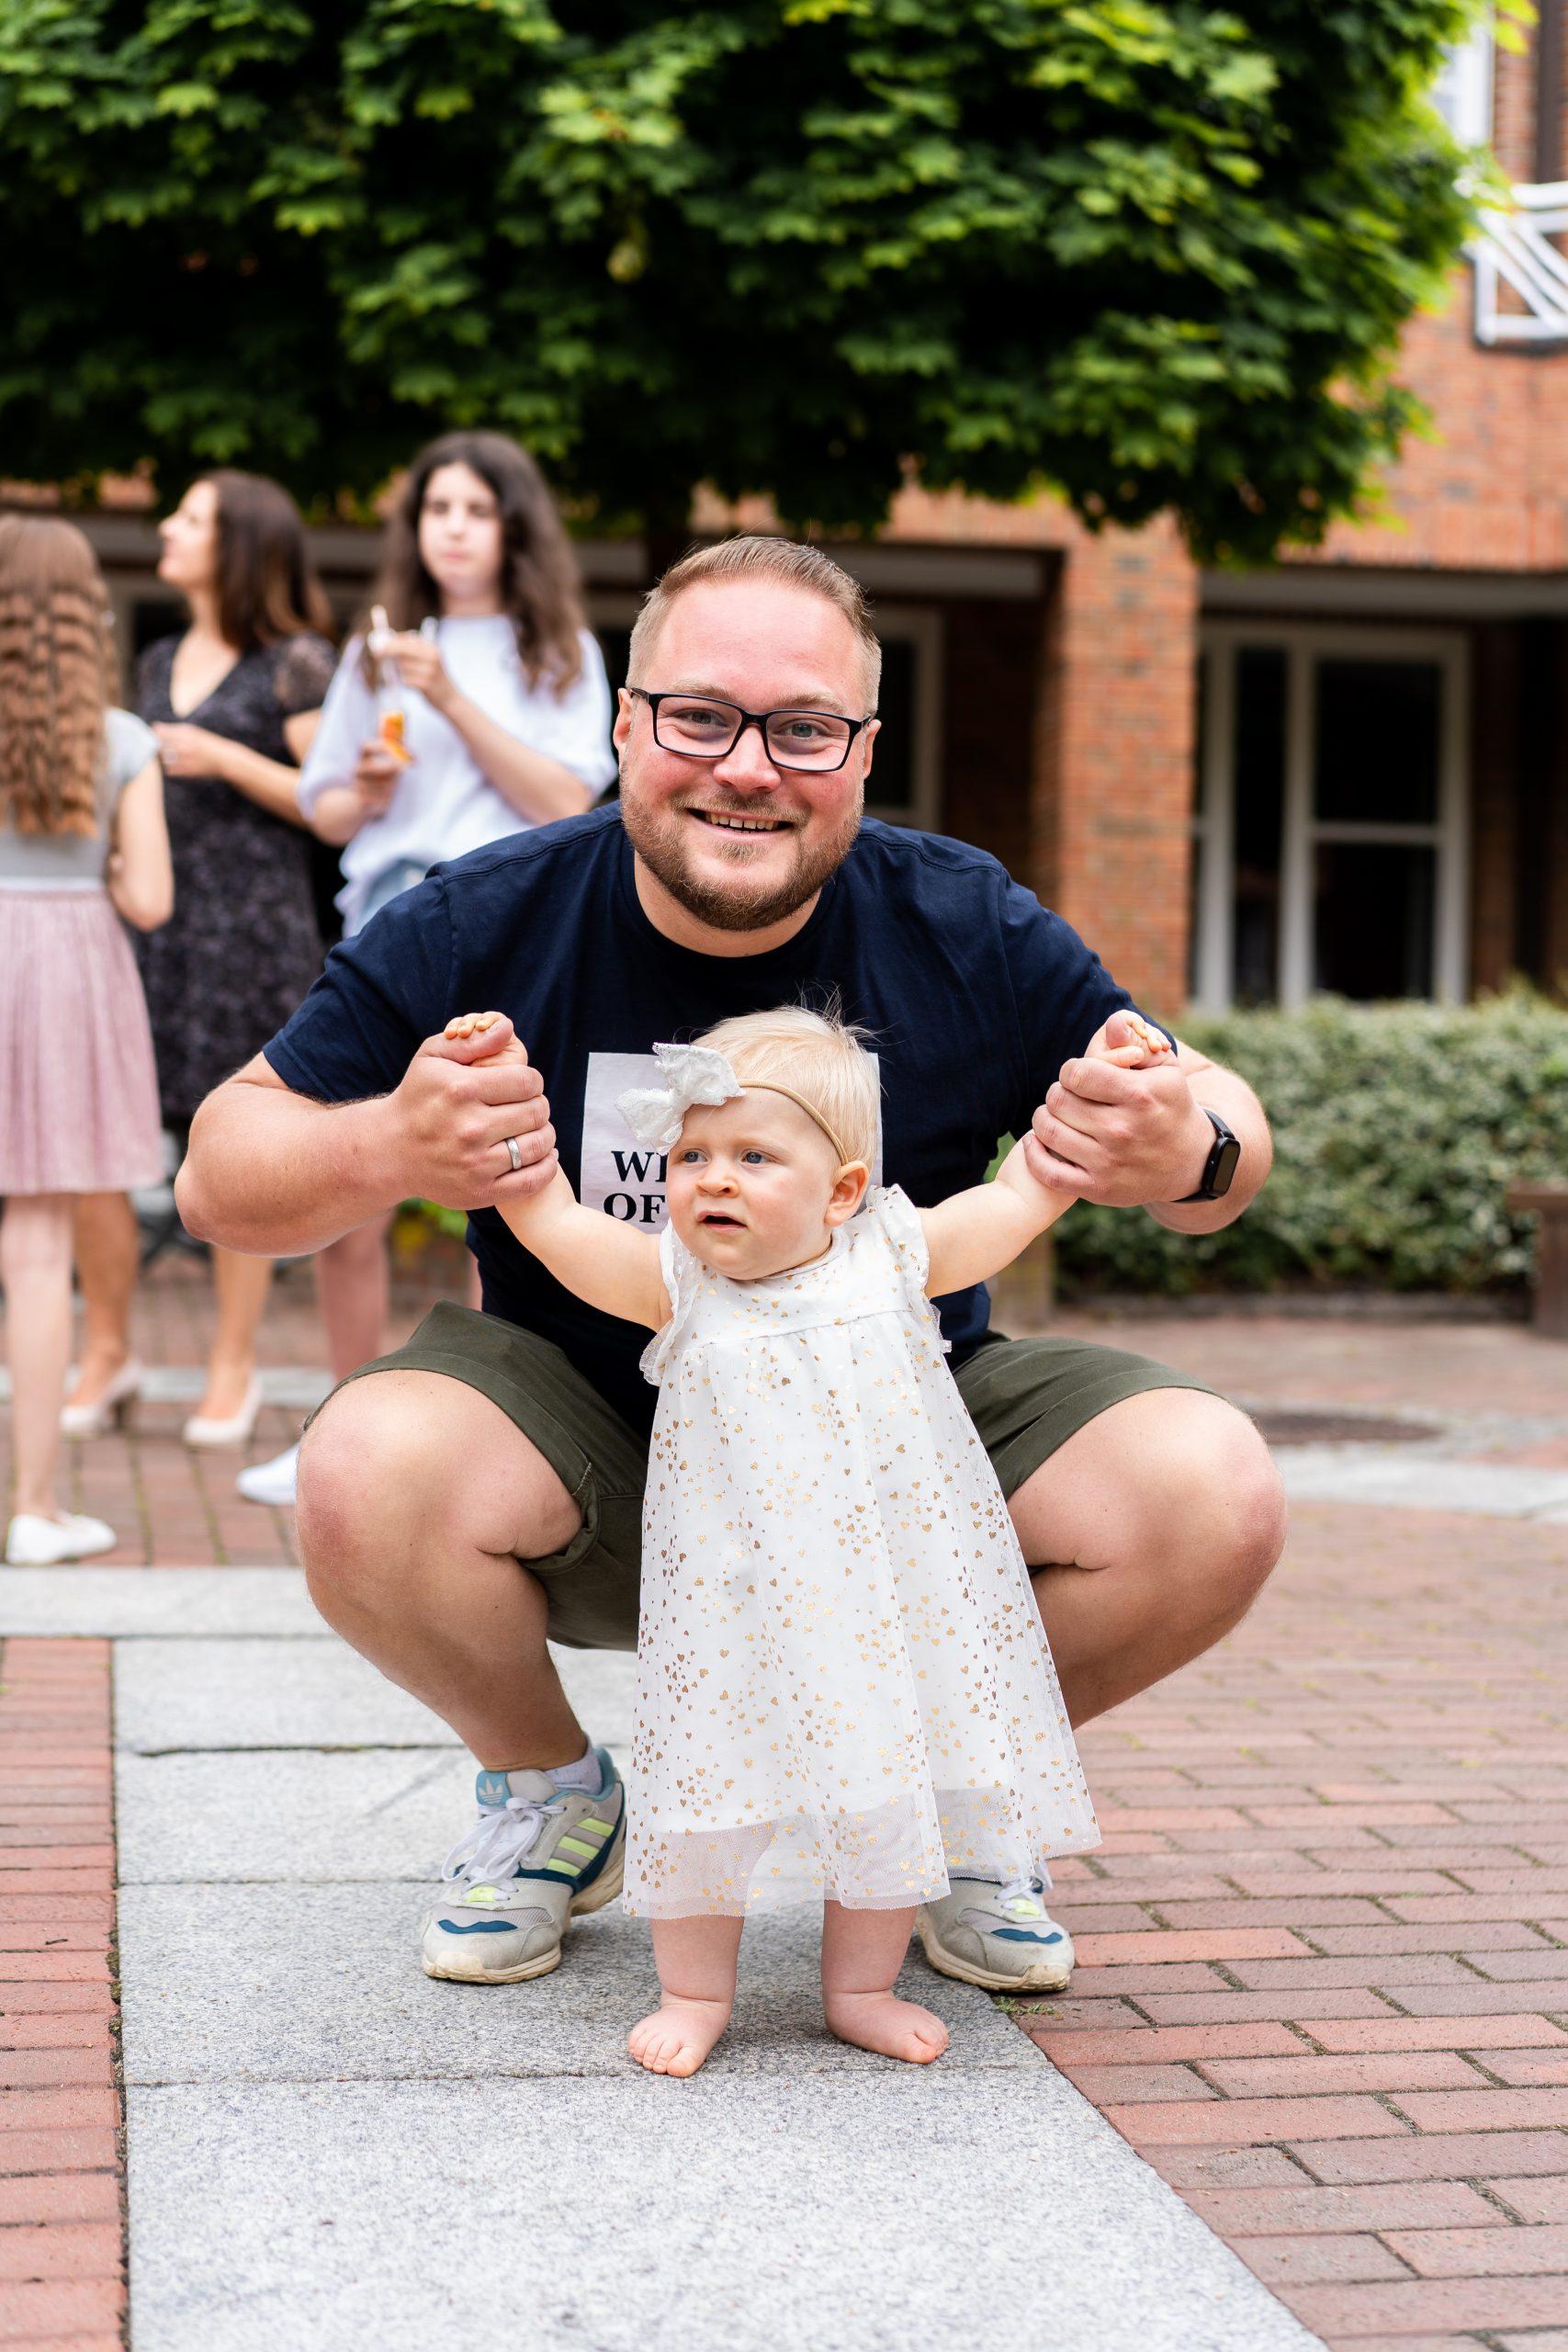 Gäste Hochzeitsgäste Vater Kind Draußen Hochzeitsfotografin Hochzeitsfotograf